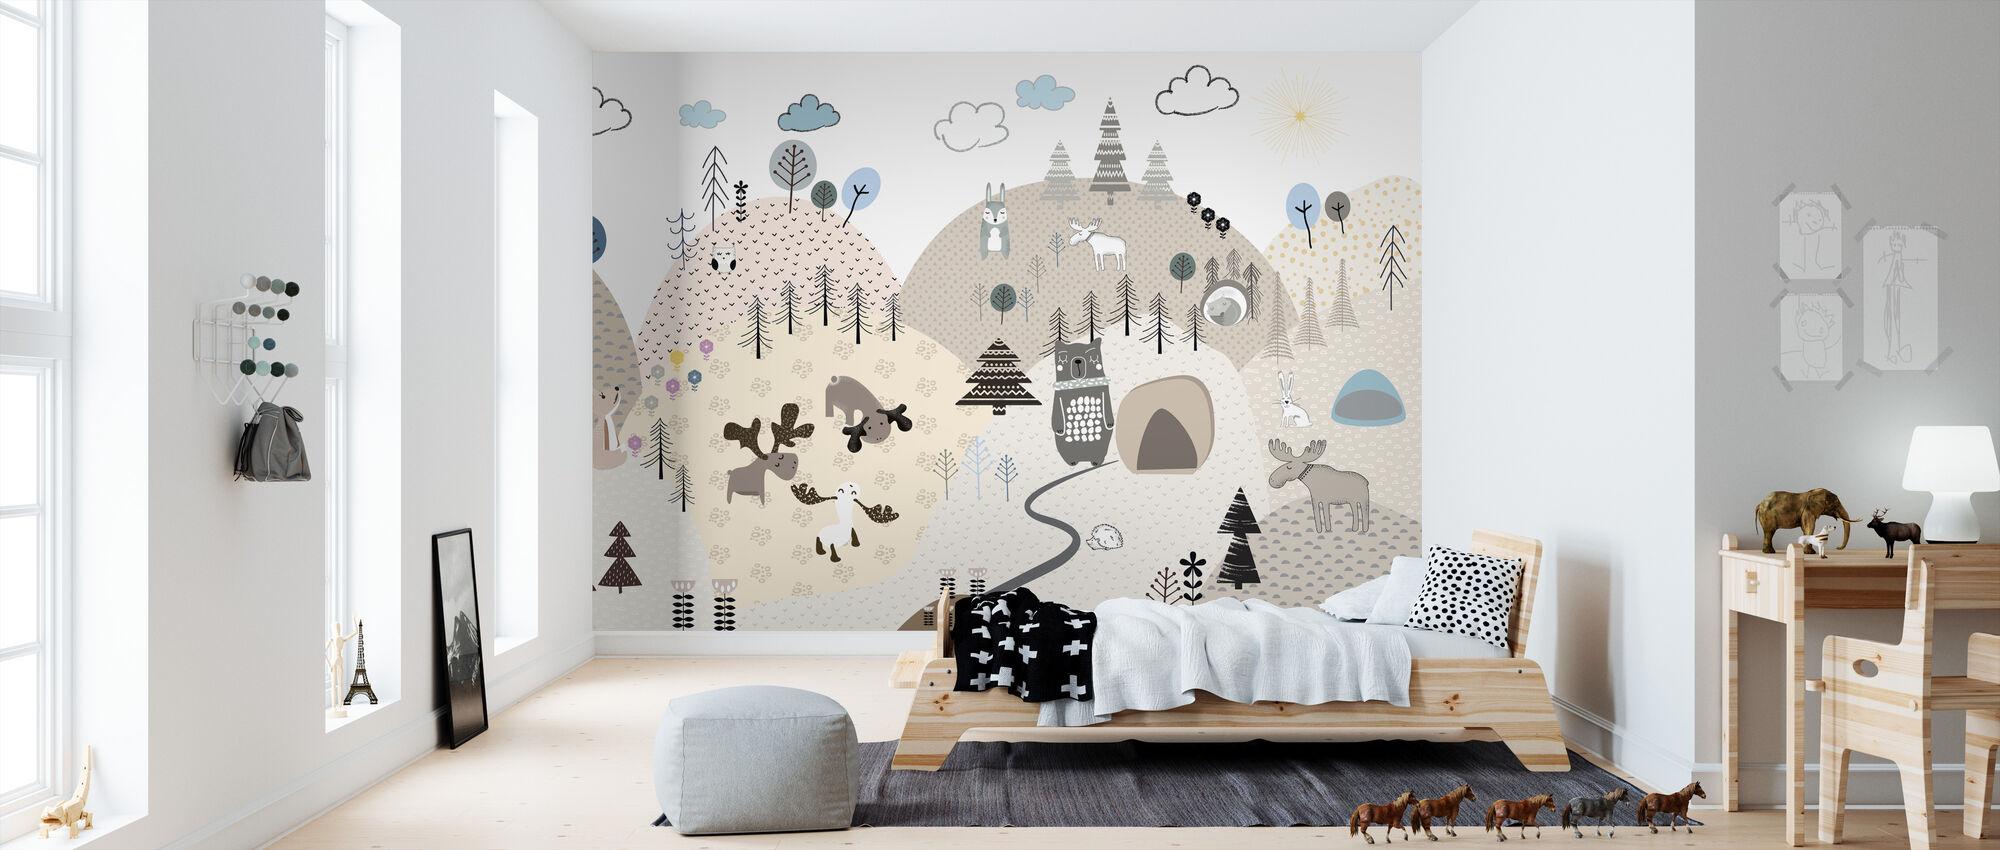 Animal Community V - Wallpaper - Kids Room